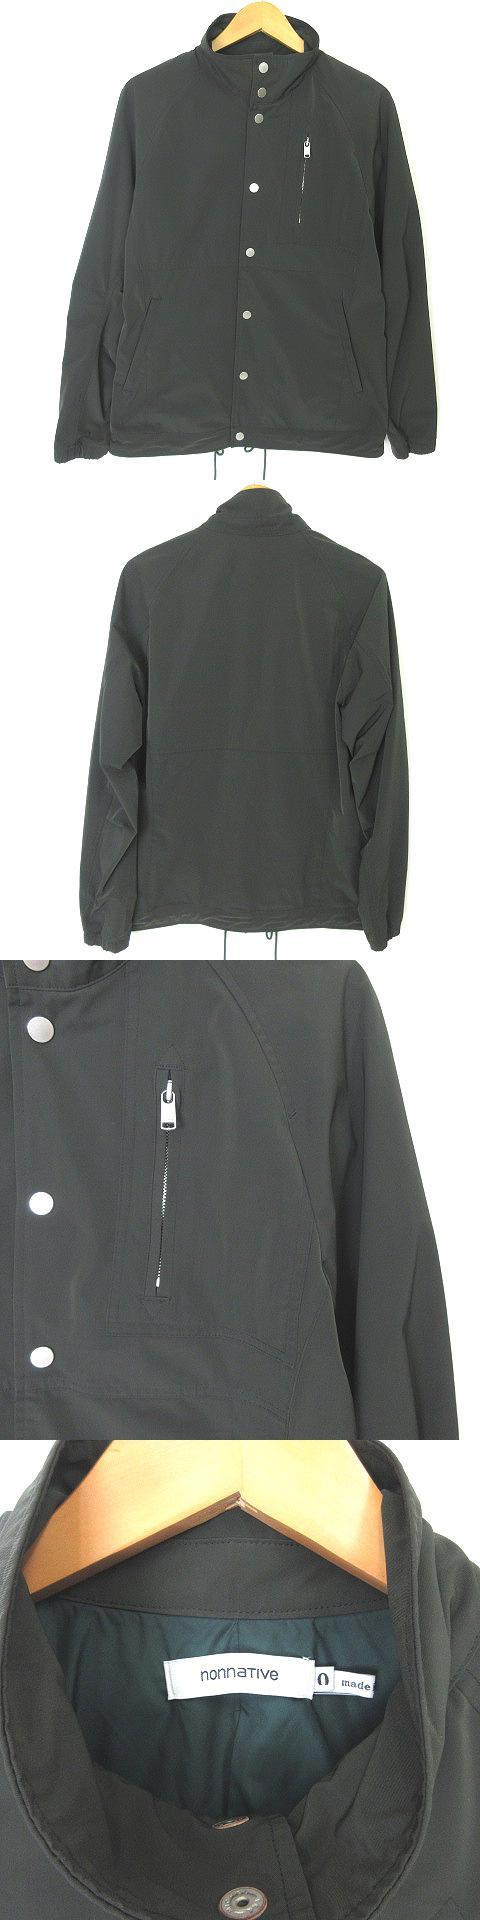 COACH JACKET POLY TWILL STRETCH DICROSR SOLO NN-J3117 コーチジャケット カーキ 0